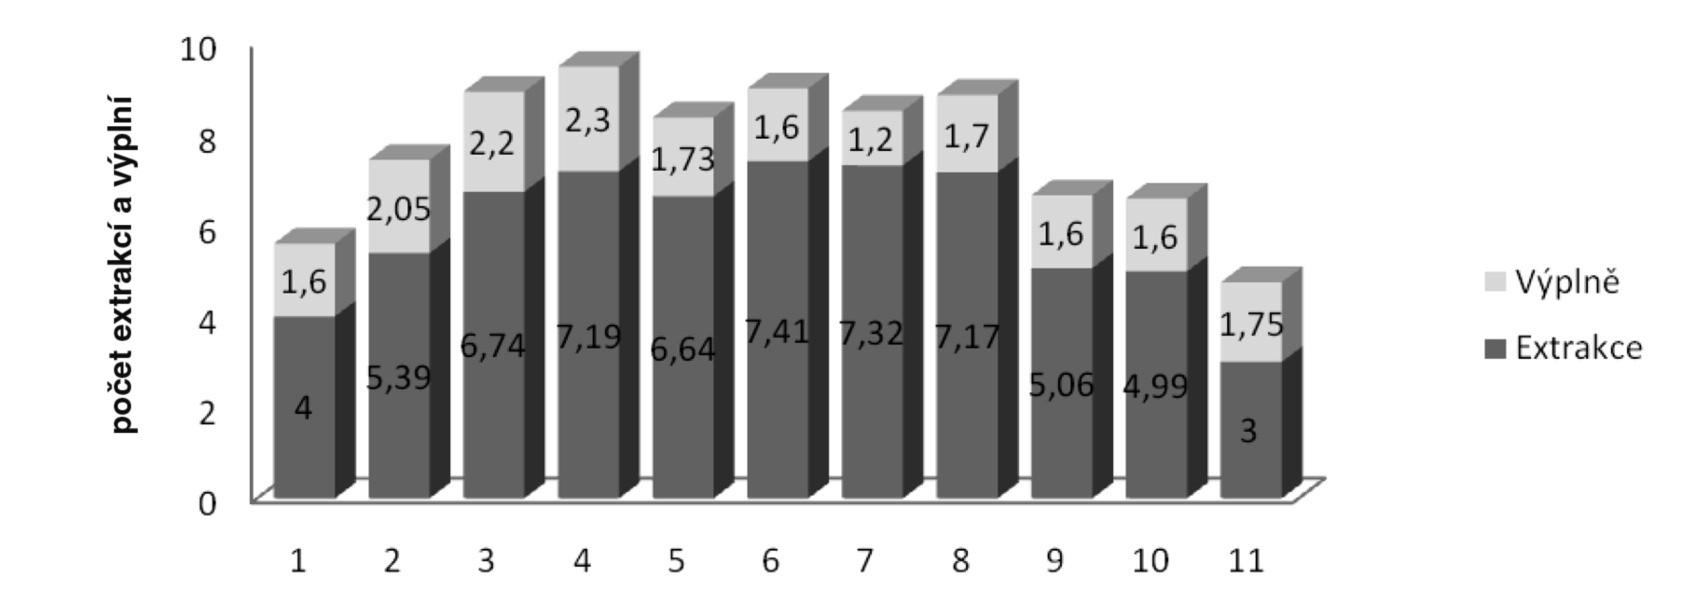 Počet extrakcí a výplní na jednoho pacienta daného věku – Anxiózní pacienti